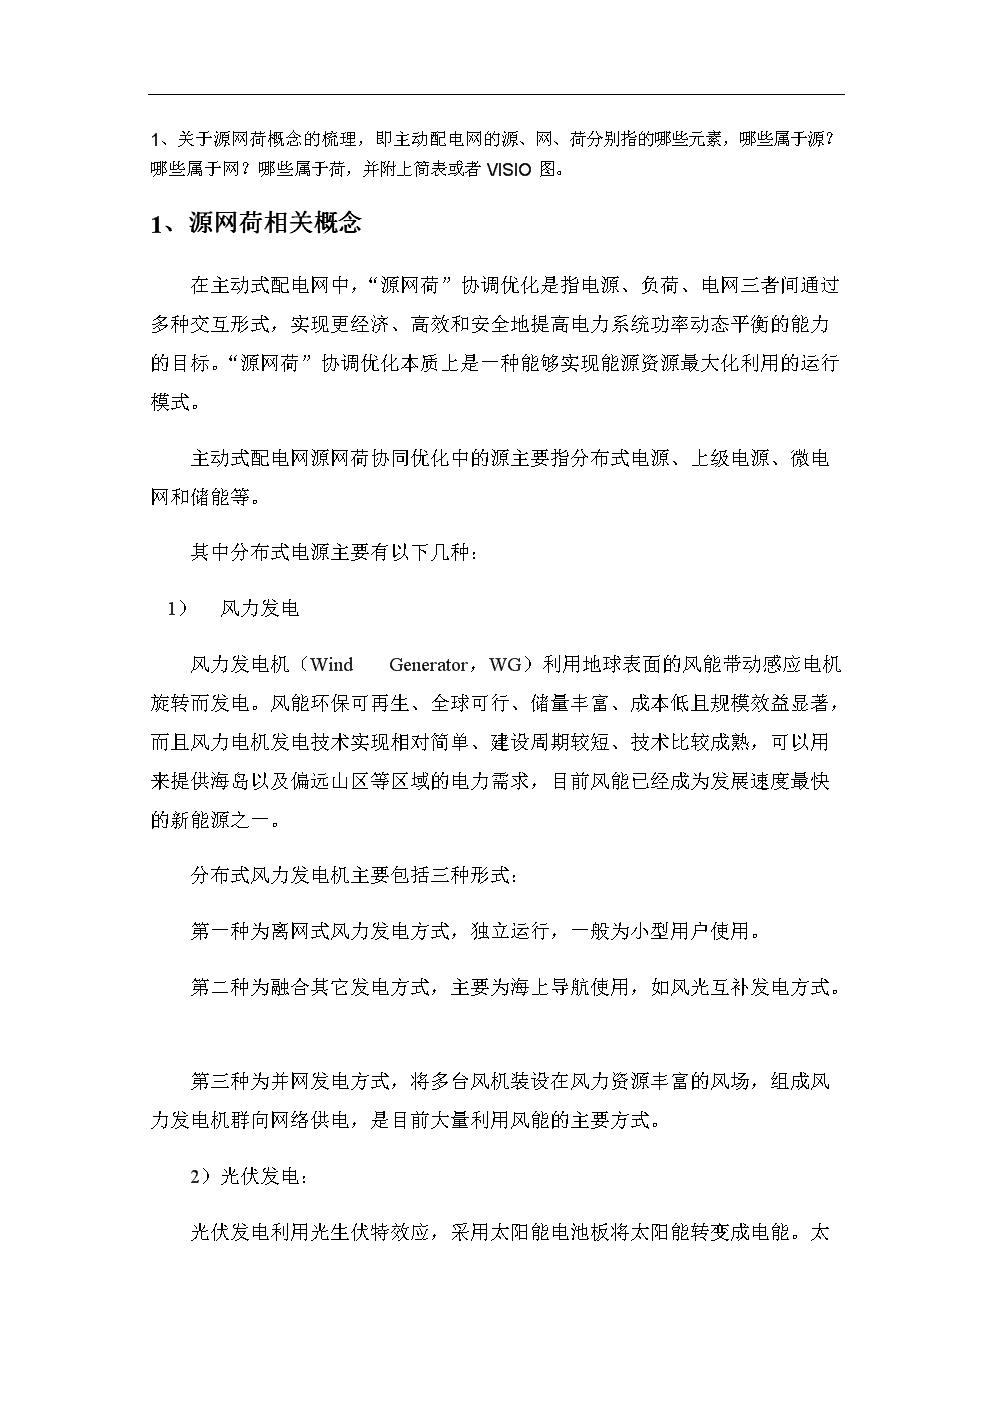 源网荷理论分析(一).doc